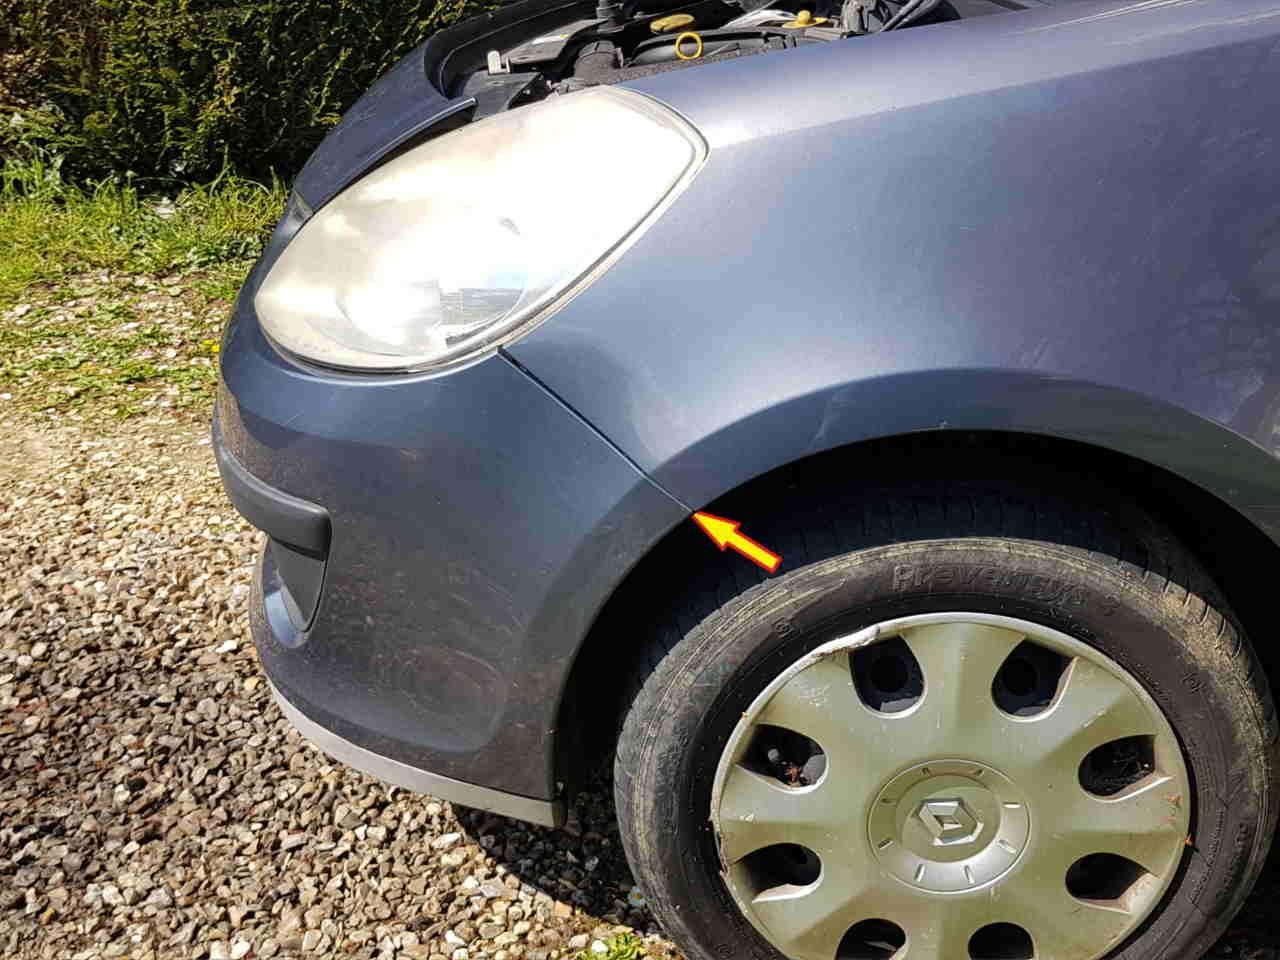 Vis de fixation du pare-choc sous l'aile Renault Clio 3